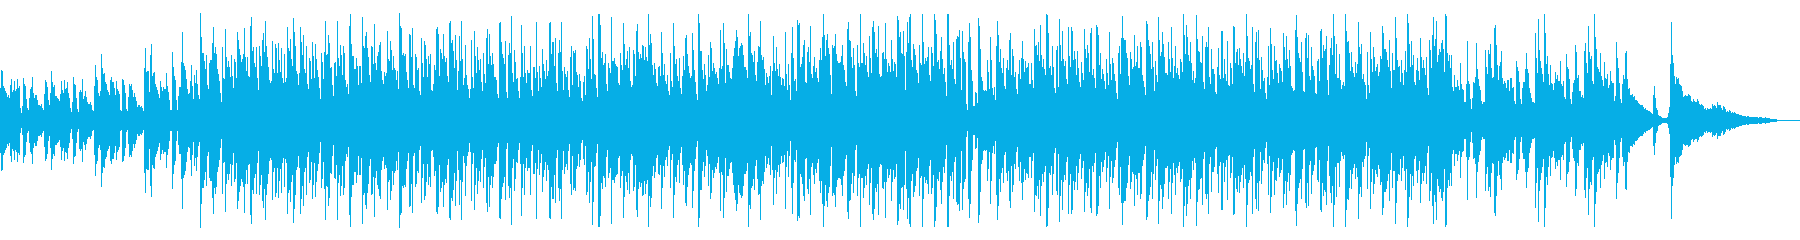 軽快でおしゃれなカフェ音楽の再生済みの波形